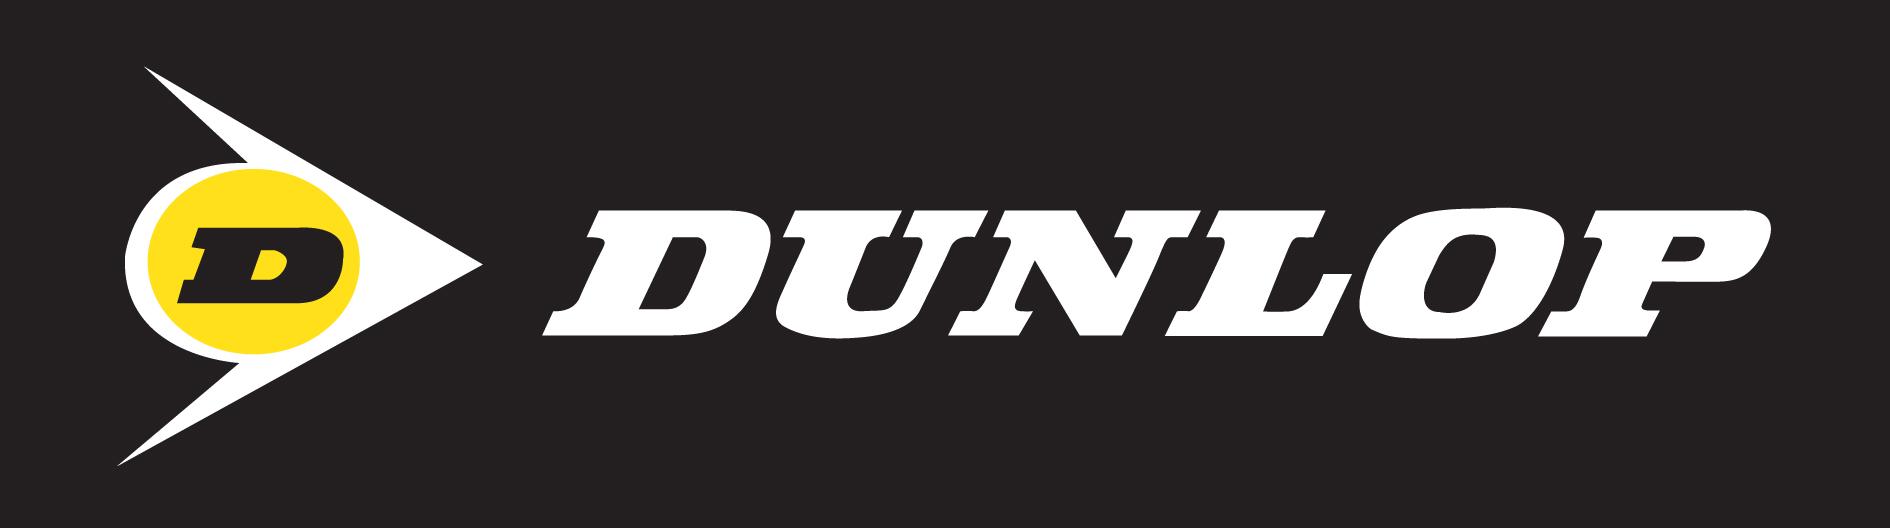 Dunlop tyres logo